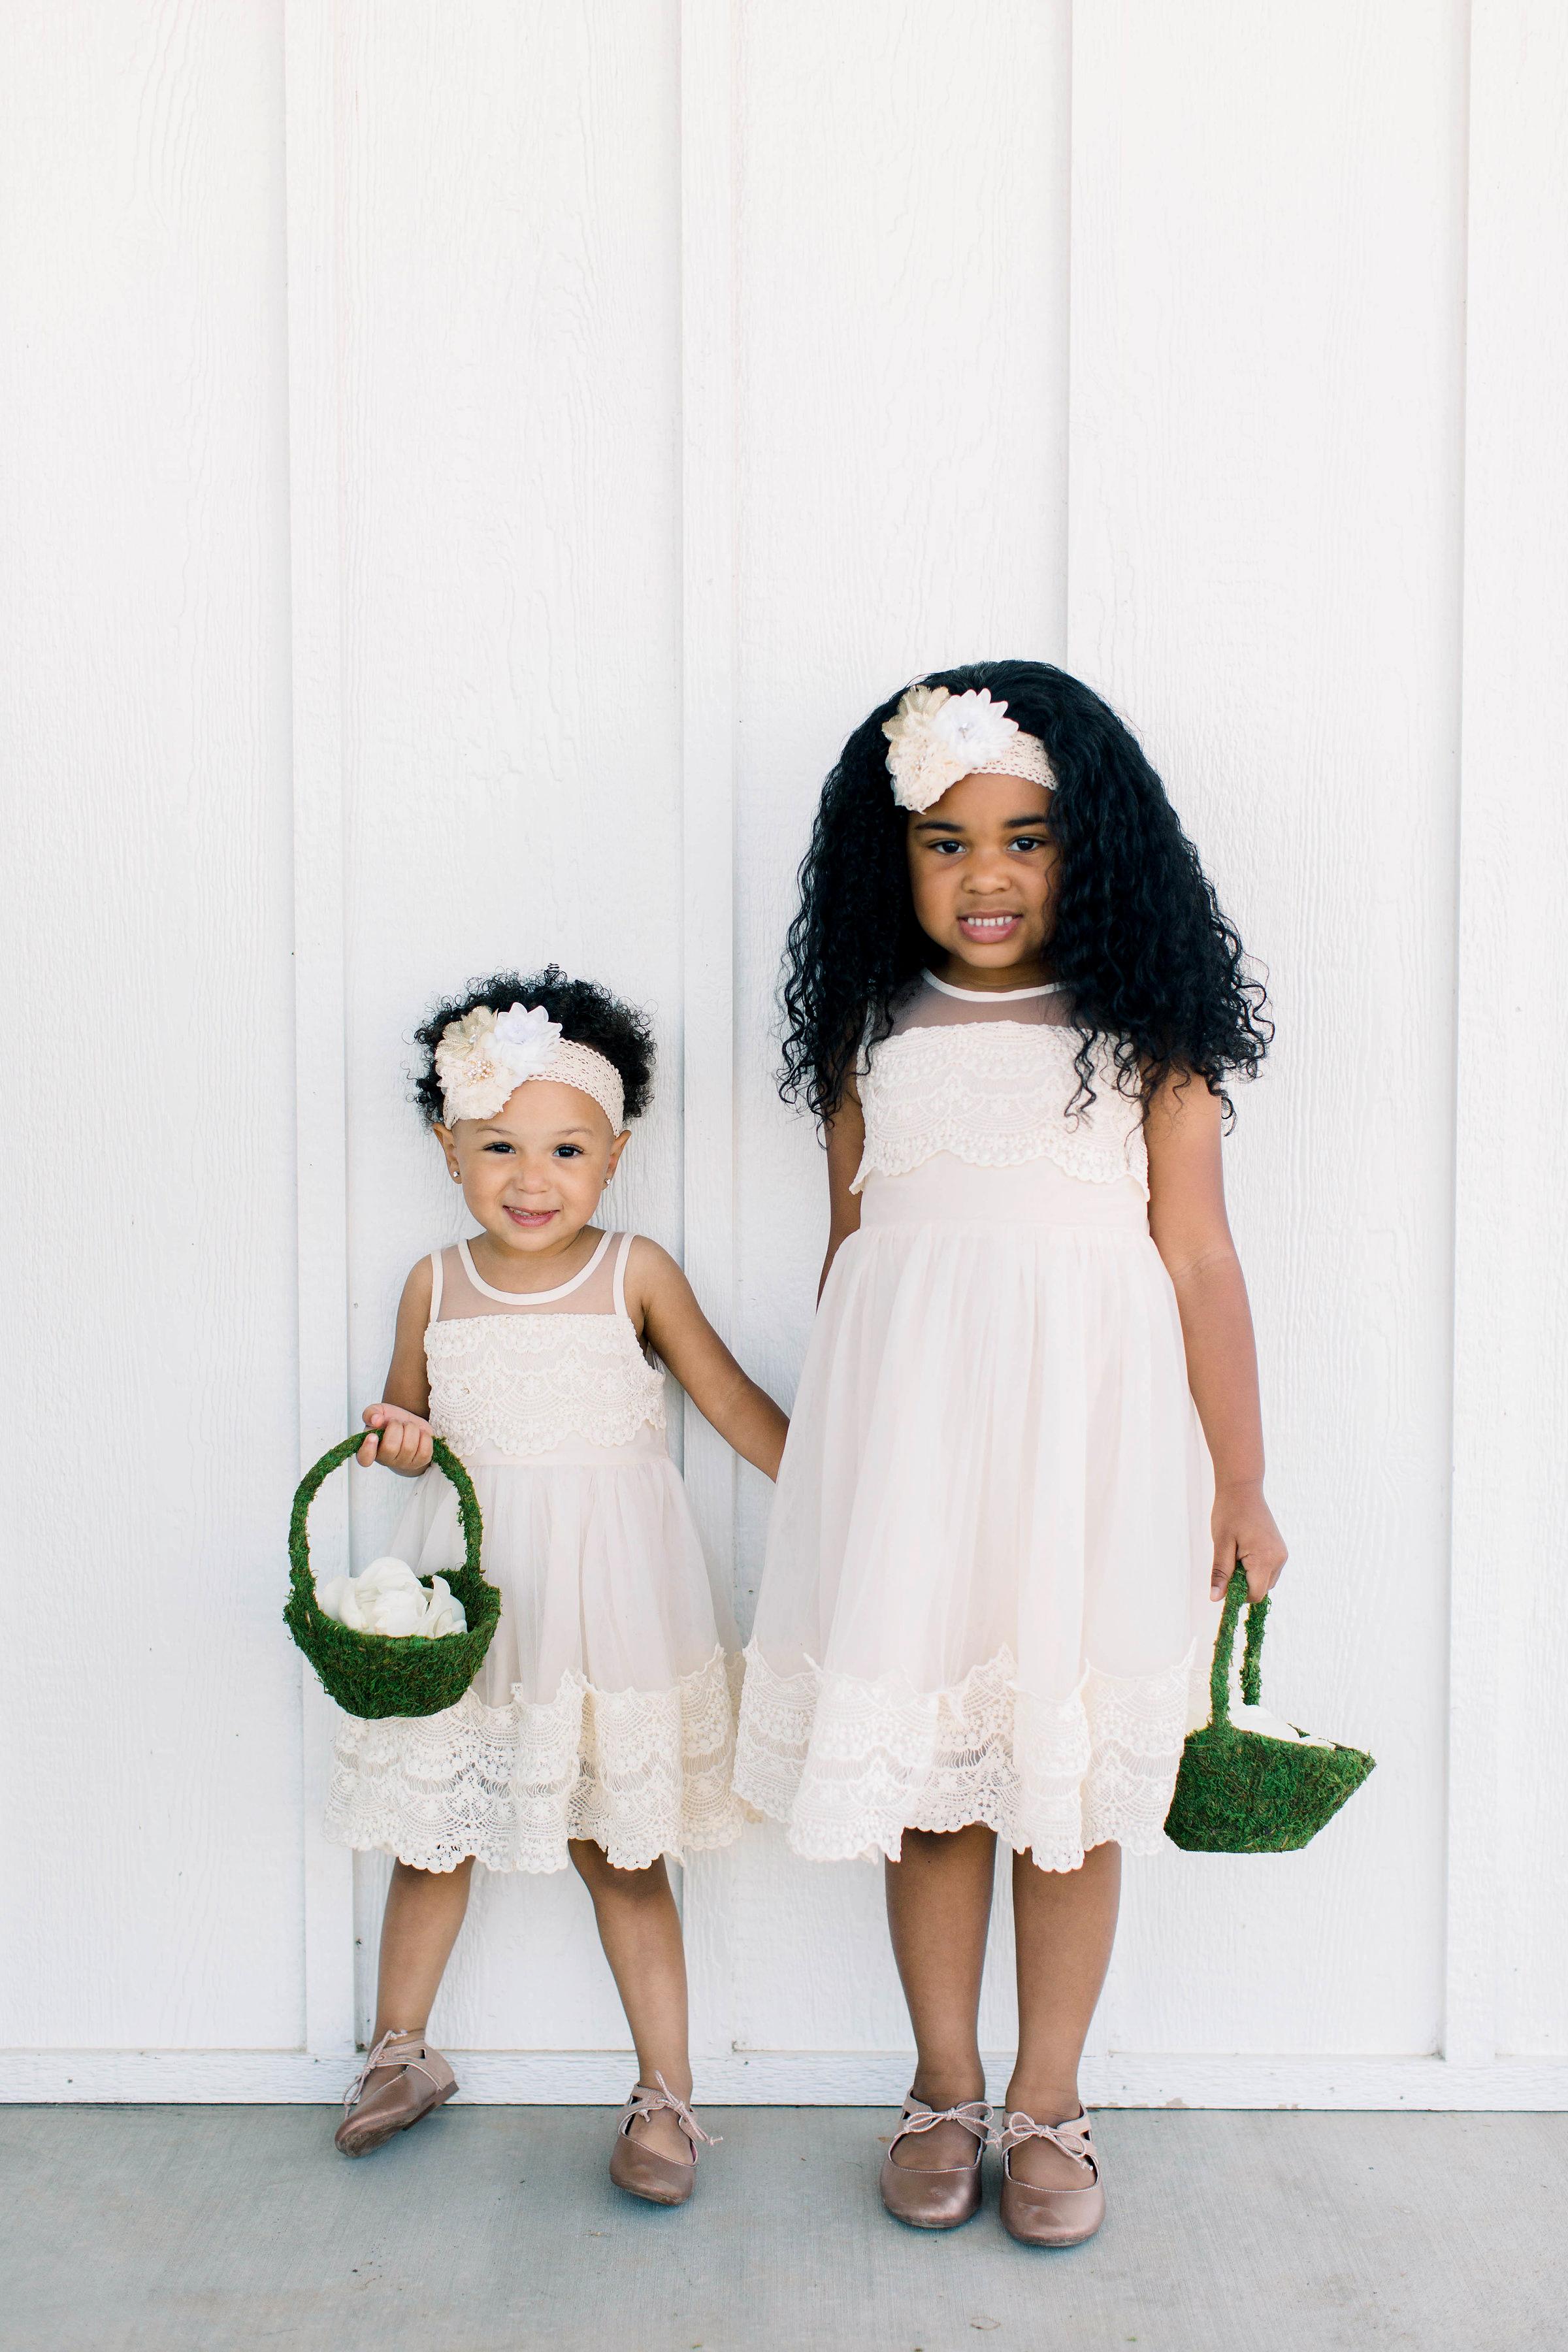 wedding flower girls carrying green baskets